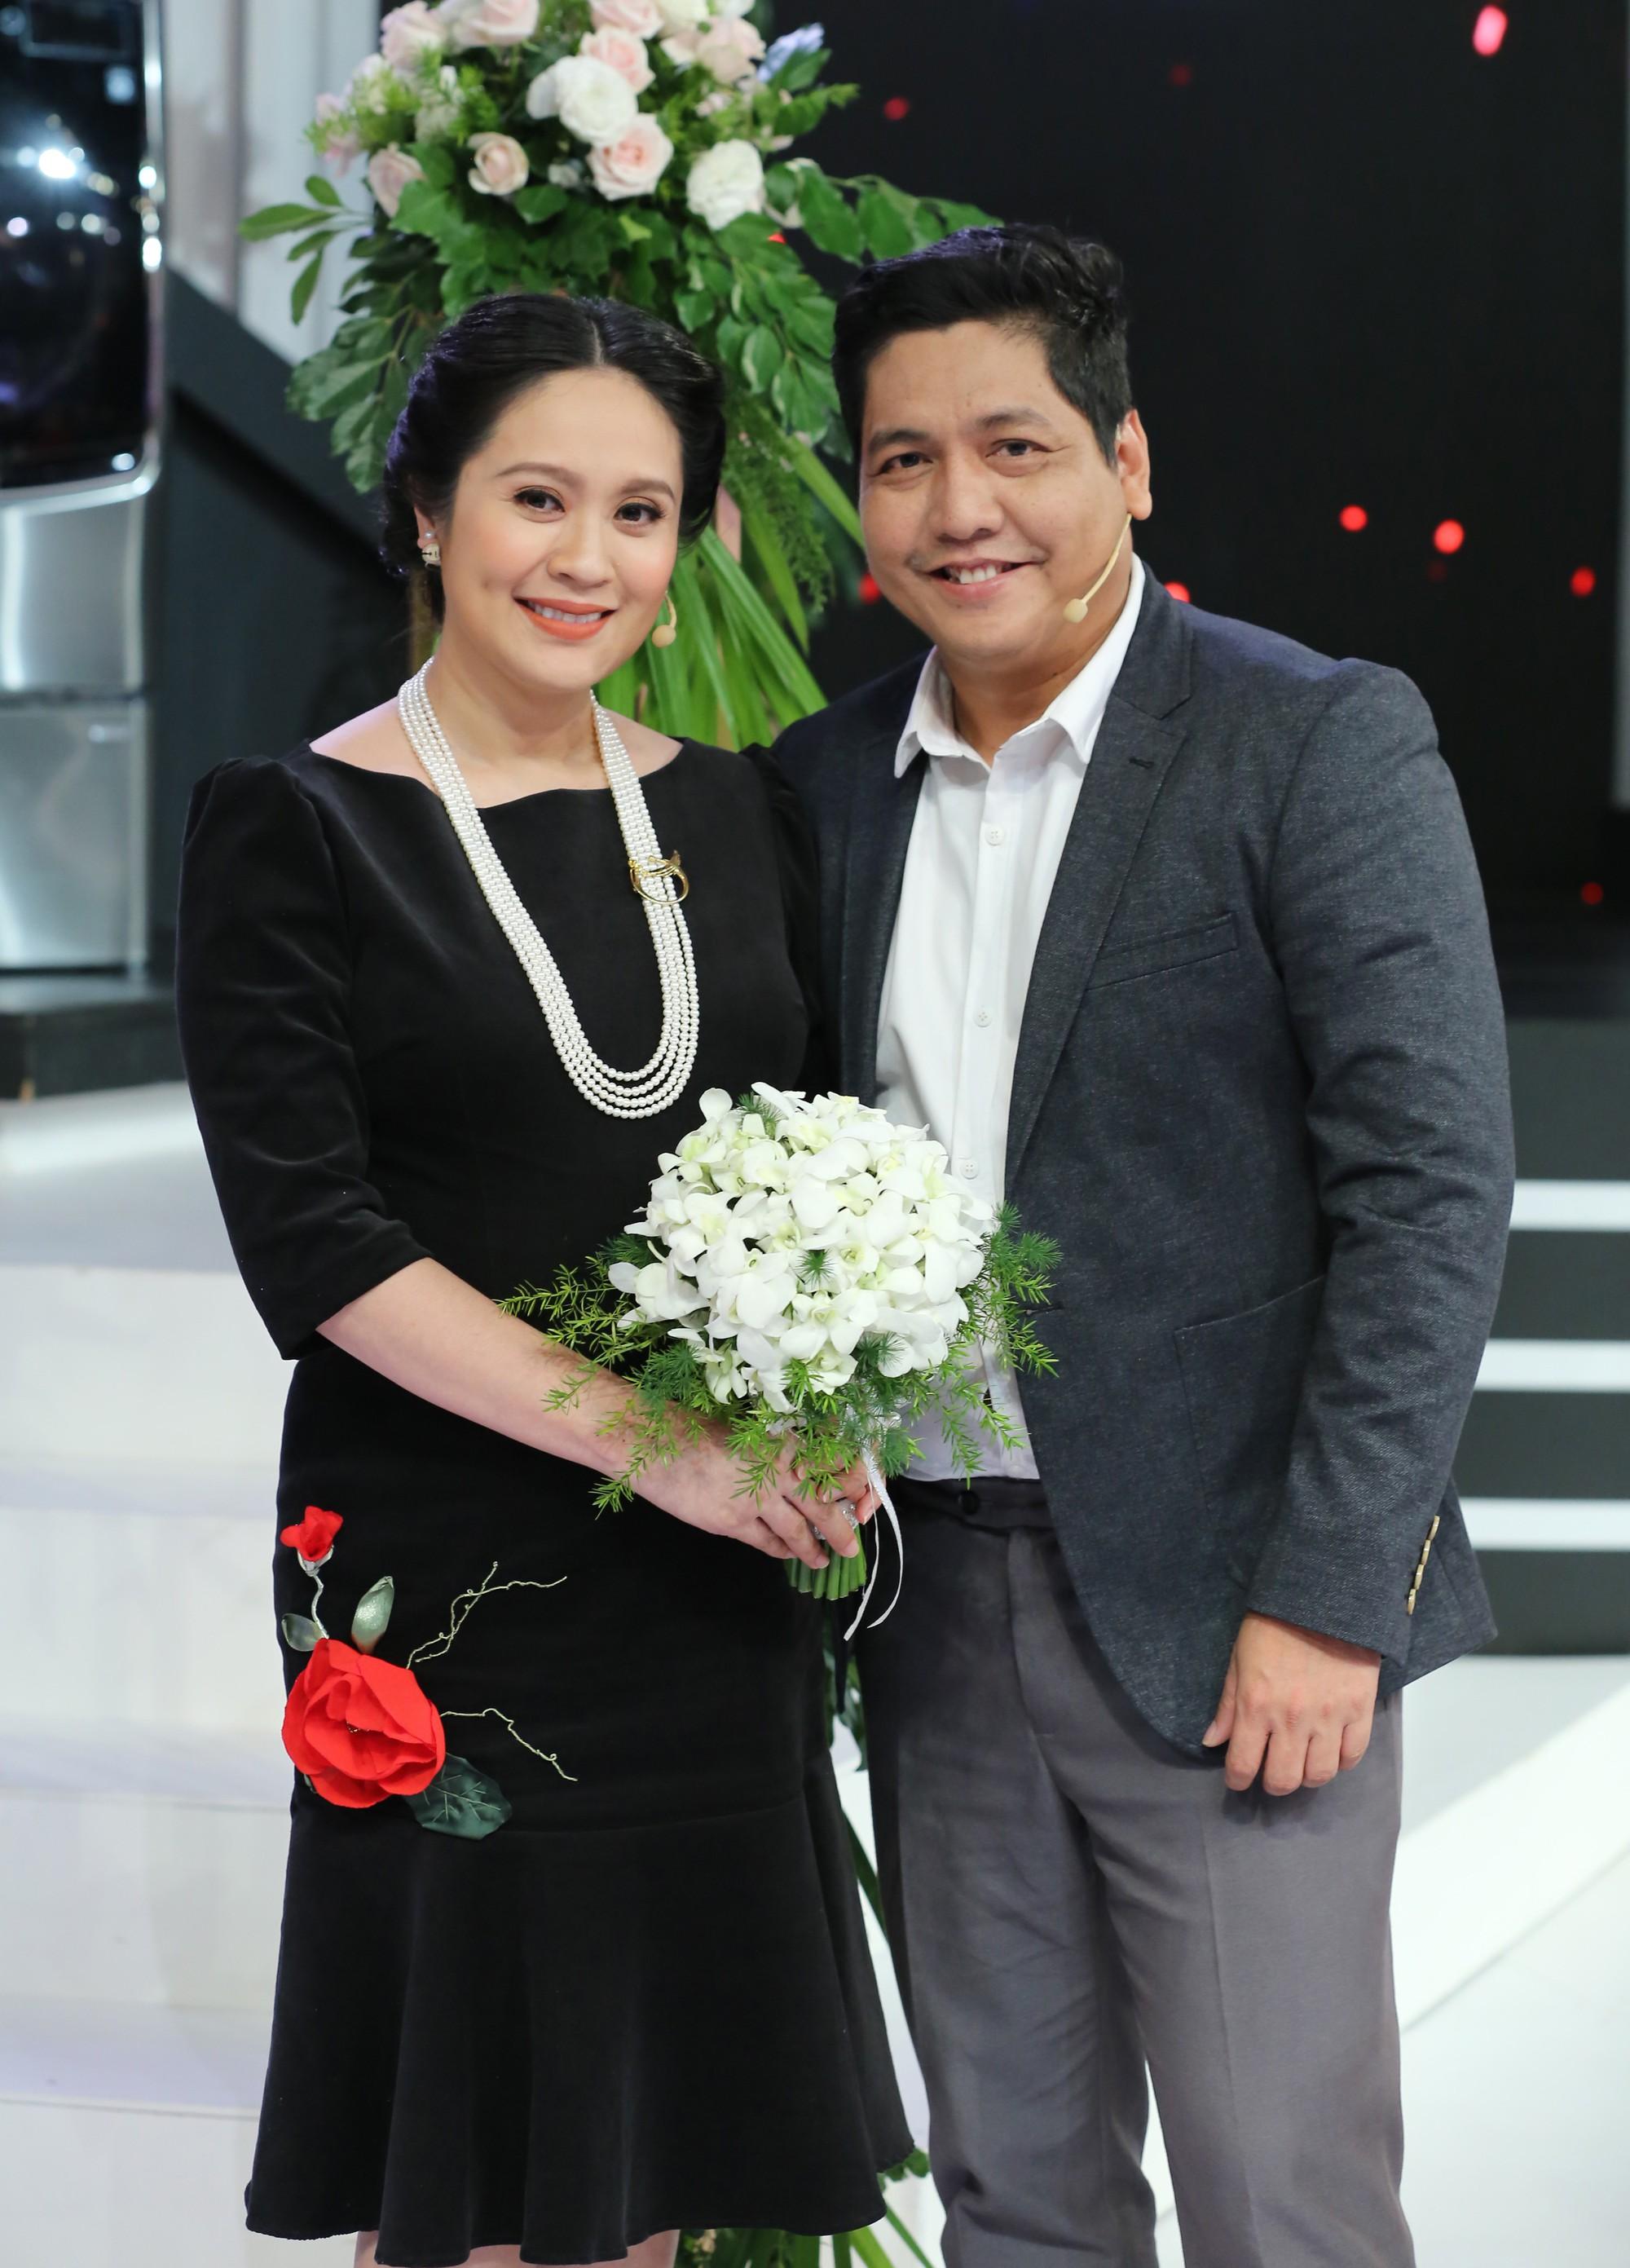 Dù bầu vượt mặt, Thanh Thúy bất ngờ cầu hôn Đức Thịnh trên sóng truyền hình - Ảnh 4.